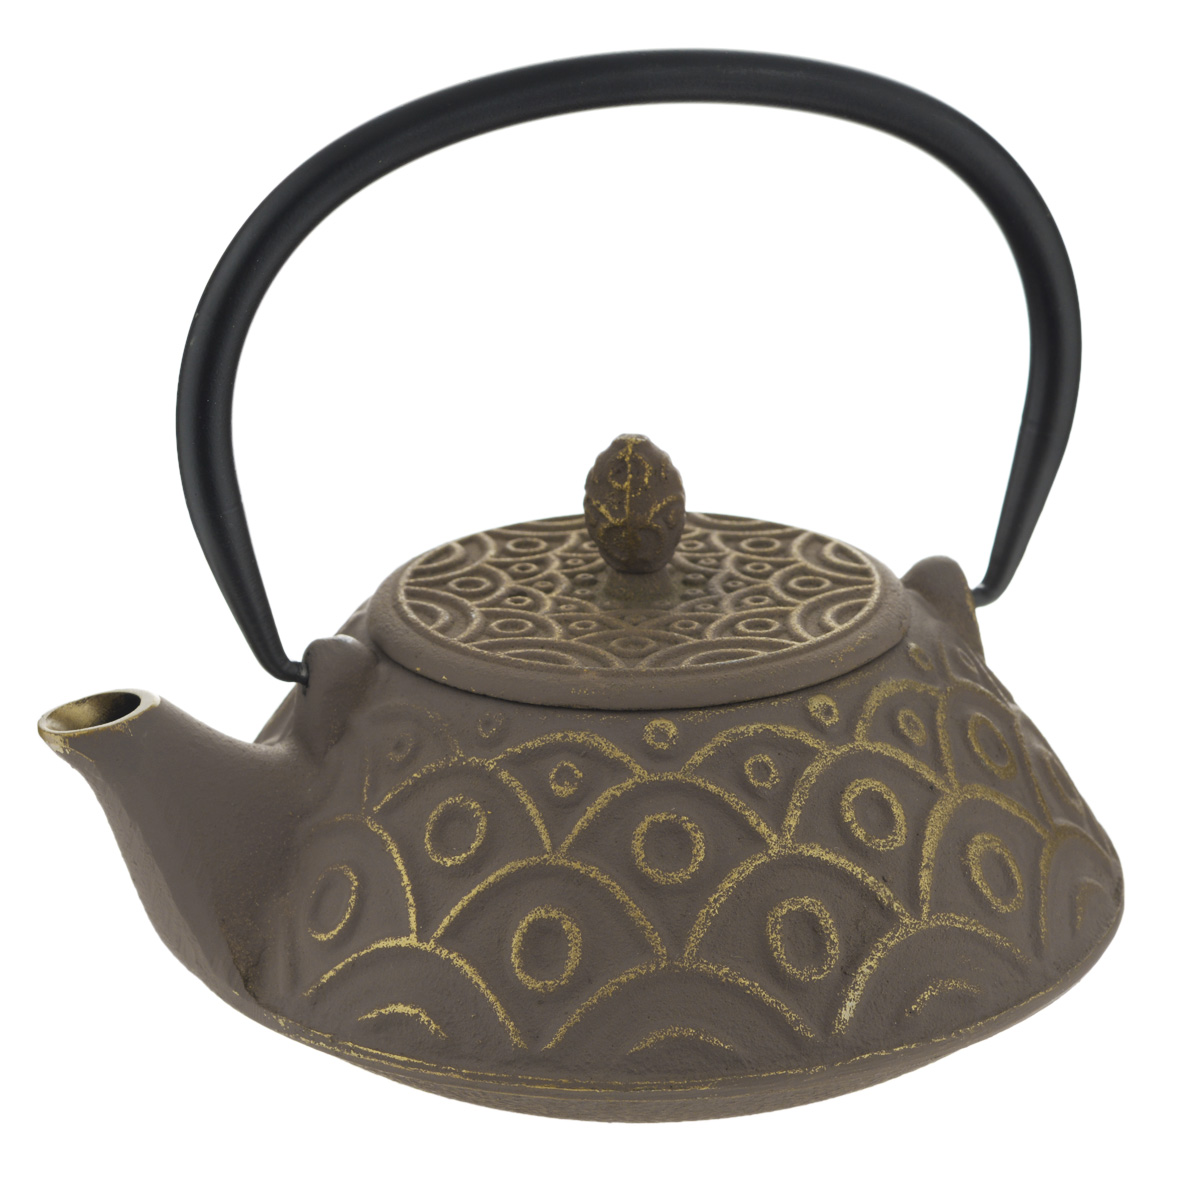 Чайник заварочный Mayer & Boch, 750 мл. 2369823698Чайник заварочный Mayer & Boch изготовлен из чугуна - экологически чистого материала, который не тускнеет и не деформируется. Он долговечен и устойчив к воздействию высоких температур. Главное достоинство чугунного чайника - способность длительно сохранять тепло, чай в таком чайнике сохраняет свой вкус и свежий аромат долгое время. Внутренняя колба чайника выполнена из нержавеющей стали. Изделие оснащено удобной ручкой.Классический стиль, приятная цветовая гамма и оптимальный объем делают чайник удобным и оригинальным аксессуаром, который прекрасно подойдет как для ежедневного использования, так и для специальной чайной церемонии. Чайник нельзя мыть в посудомоечной машине.Диаметр по верхнему краю: 8 см.Высота (без учета крышки): 8,5 см.Диаметр дна: 6,5 см.